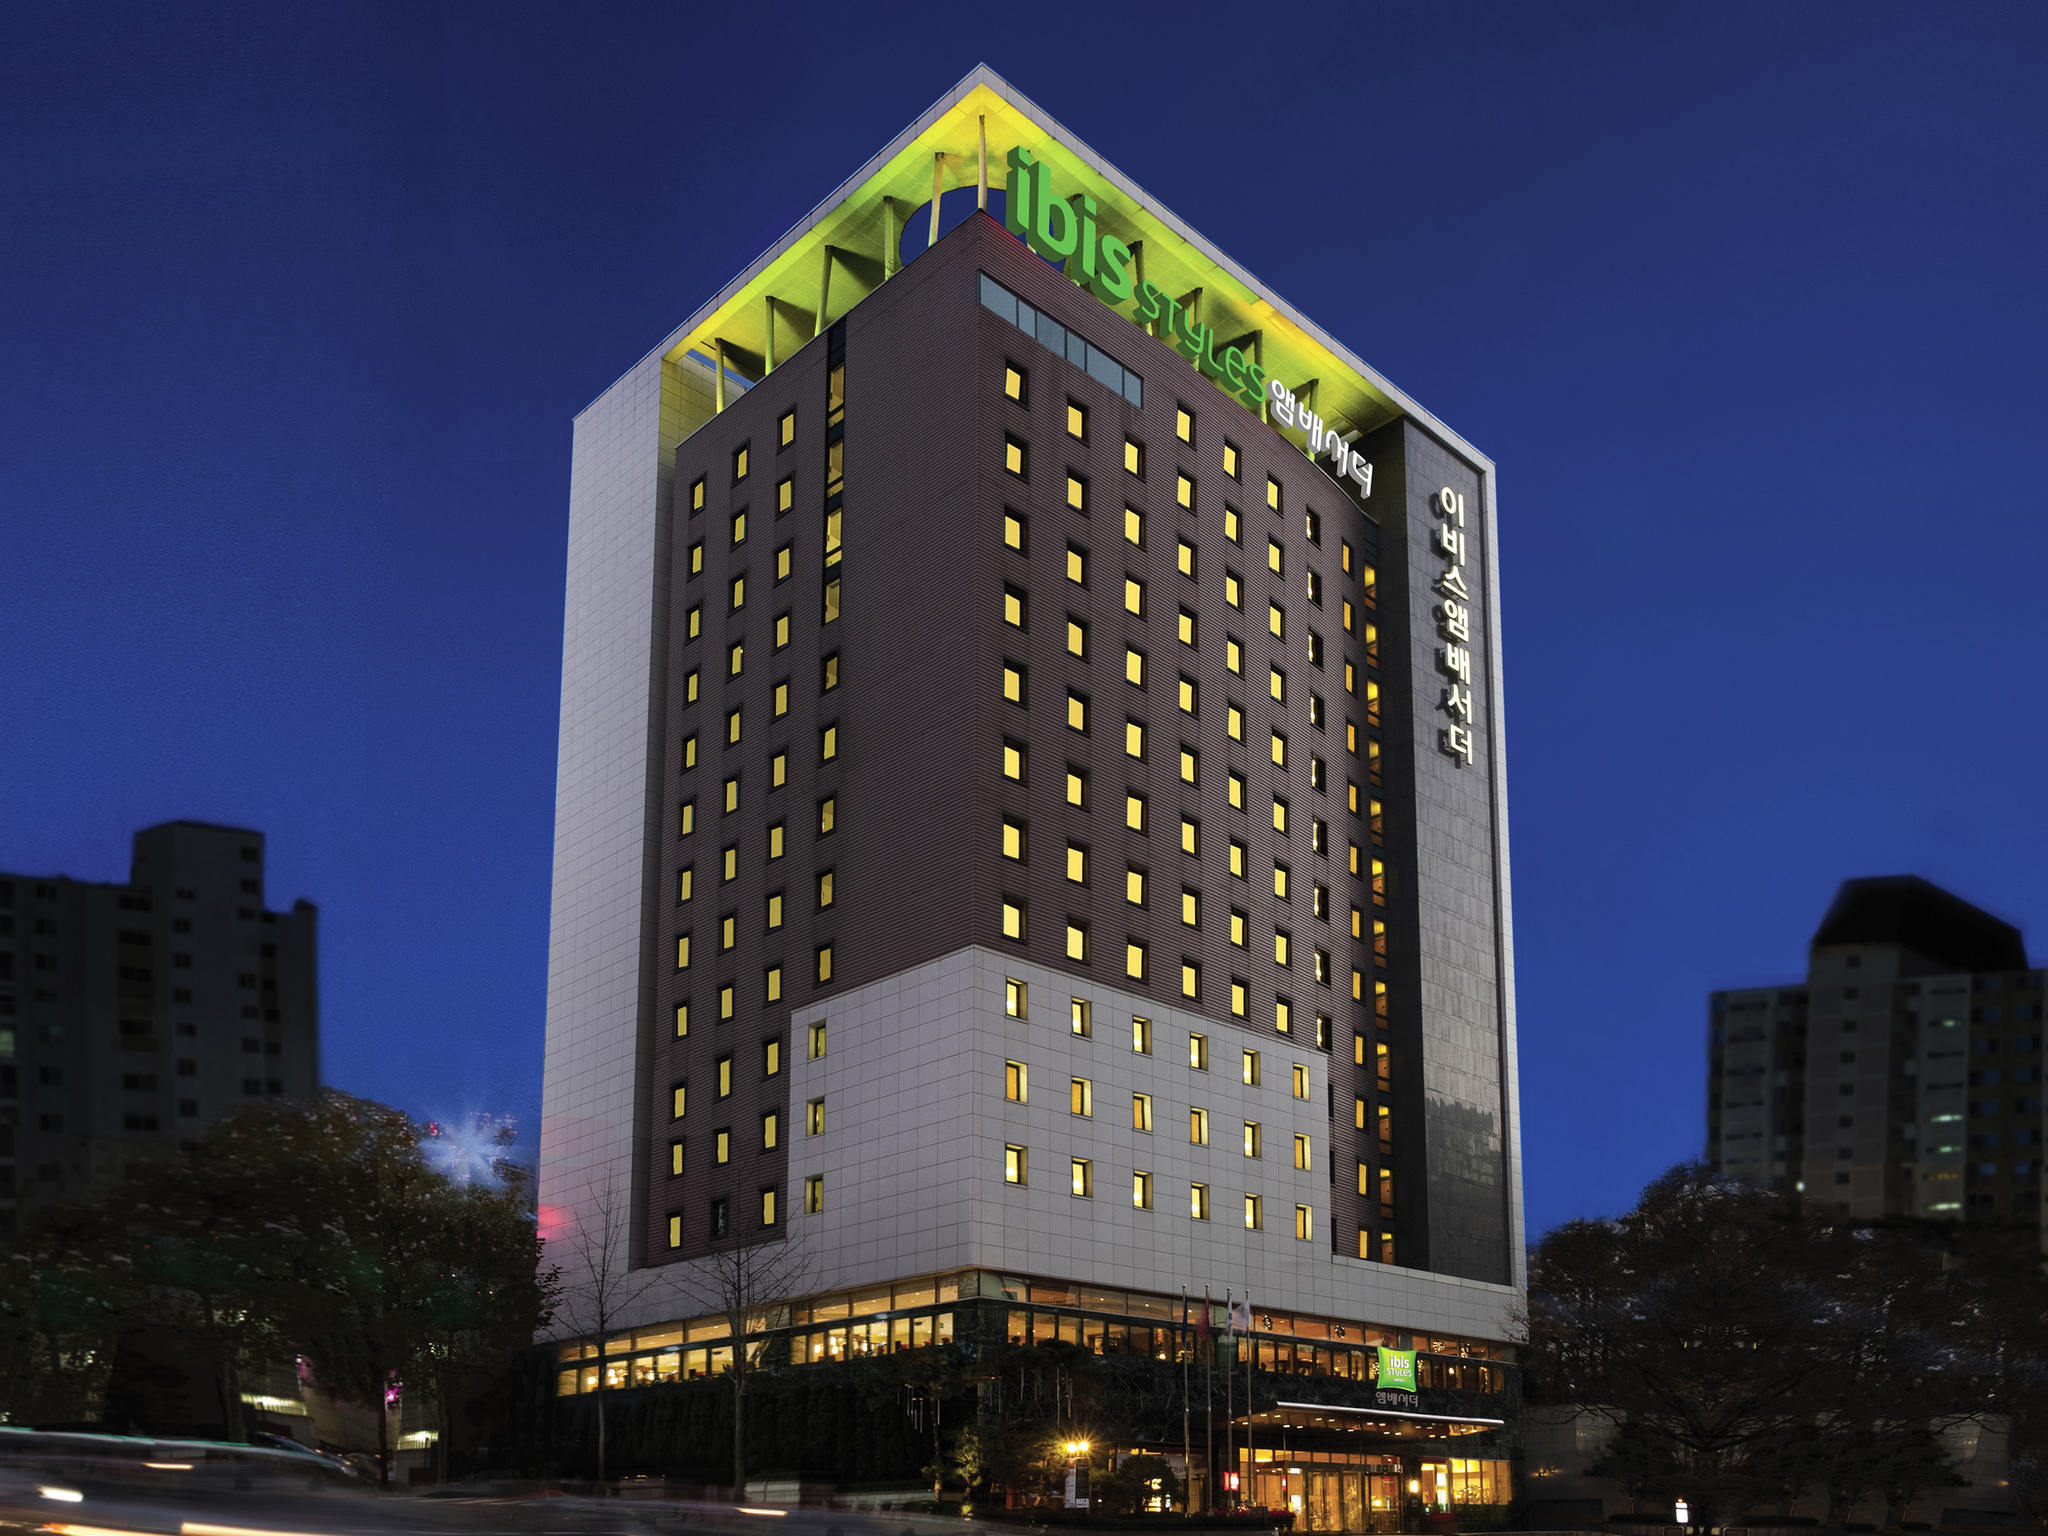 فندق - إيبيس ستايلز ibis Styles أمباسادور سيول جانجنام